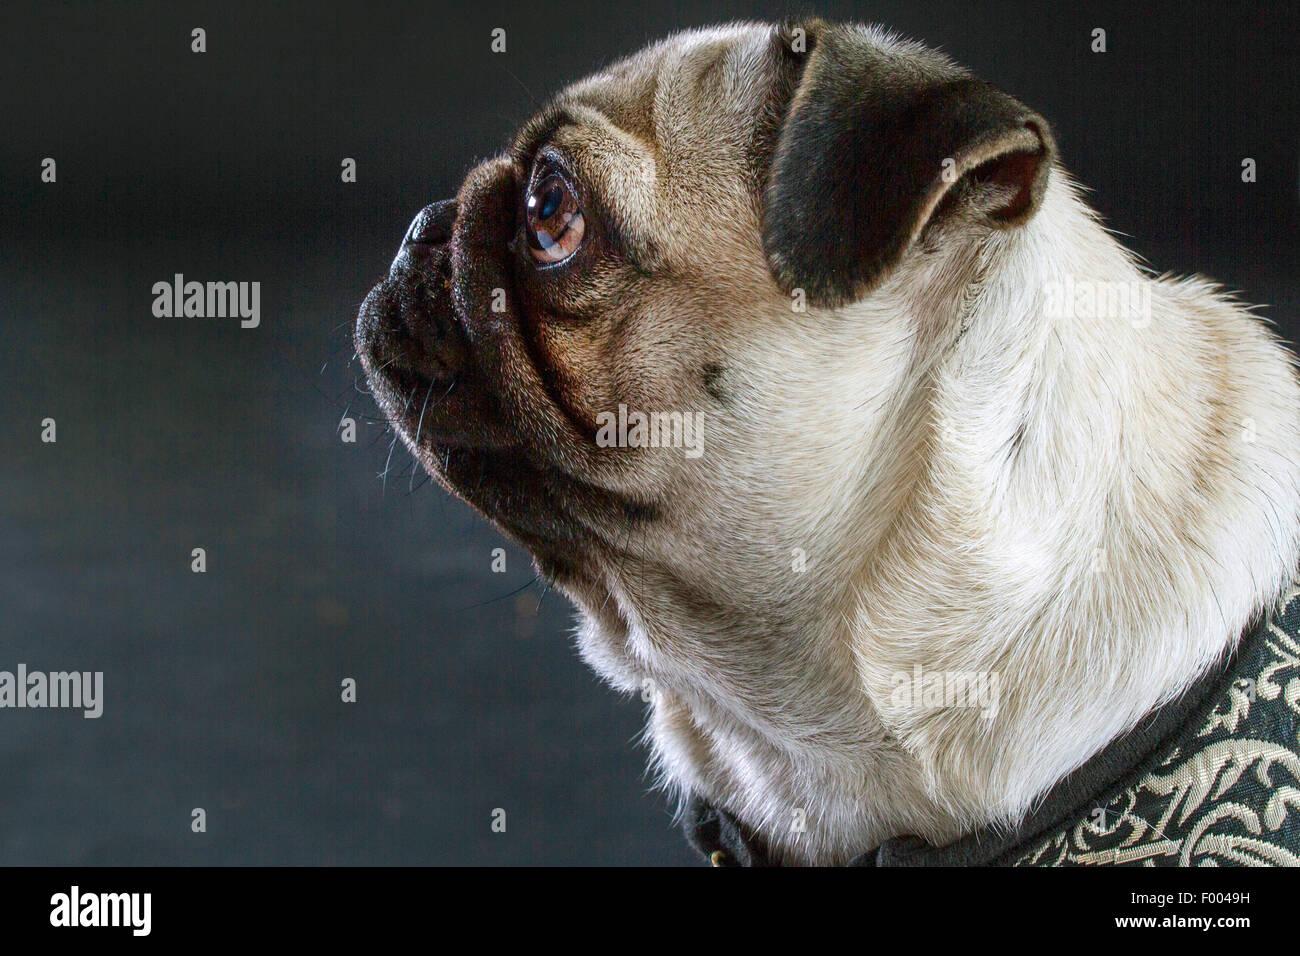 Pug (Canis lupus familiaris) f., retrato delante de fondo negro, vista lateral Imagen De Stock